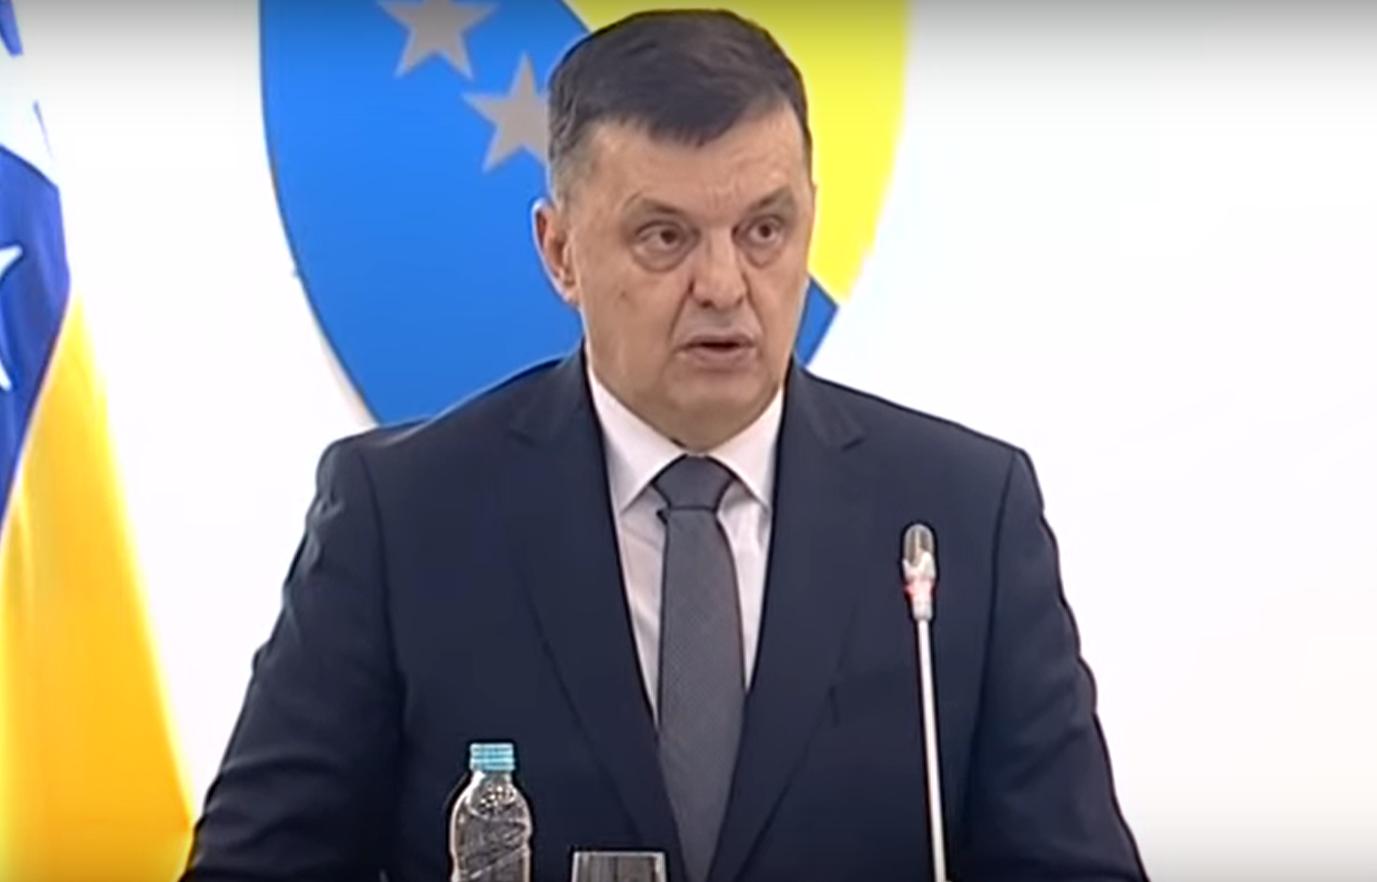 (V)LAŽNE VIJESTI: Nema više bježanja iz BiH, svako ko ode mora platiti 200.000 maraka!